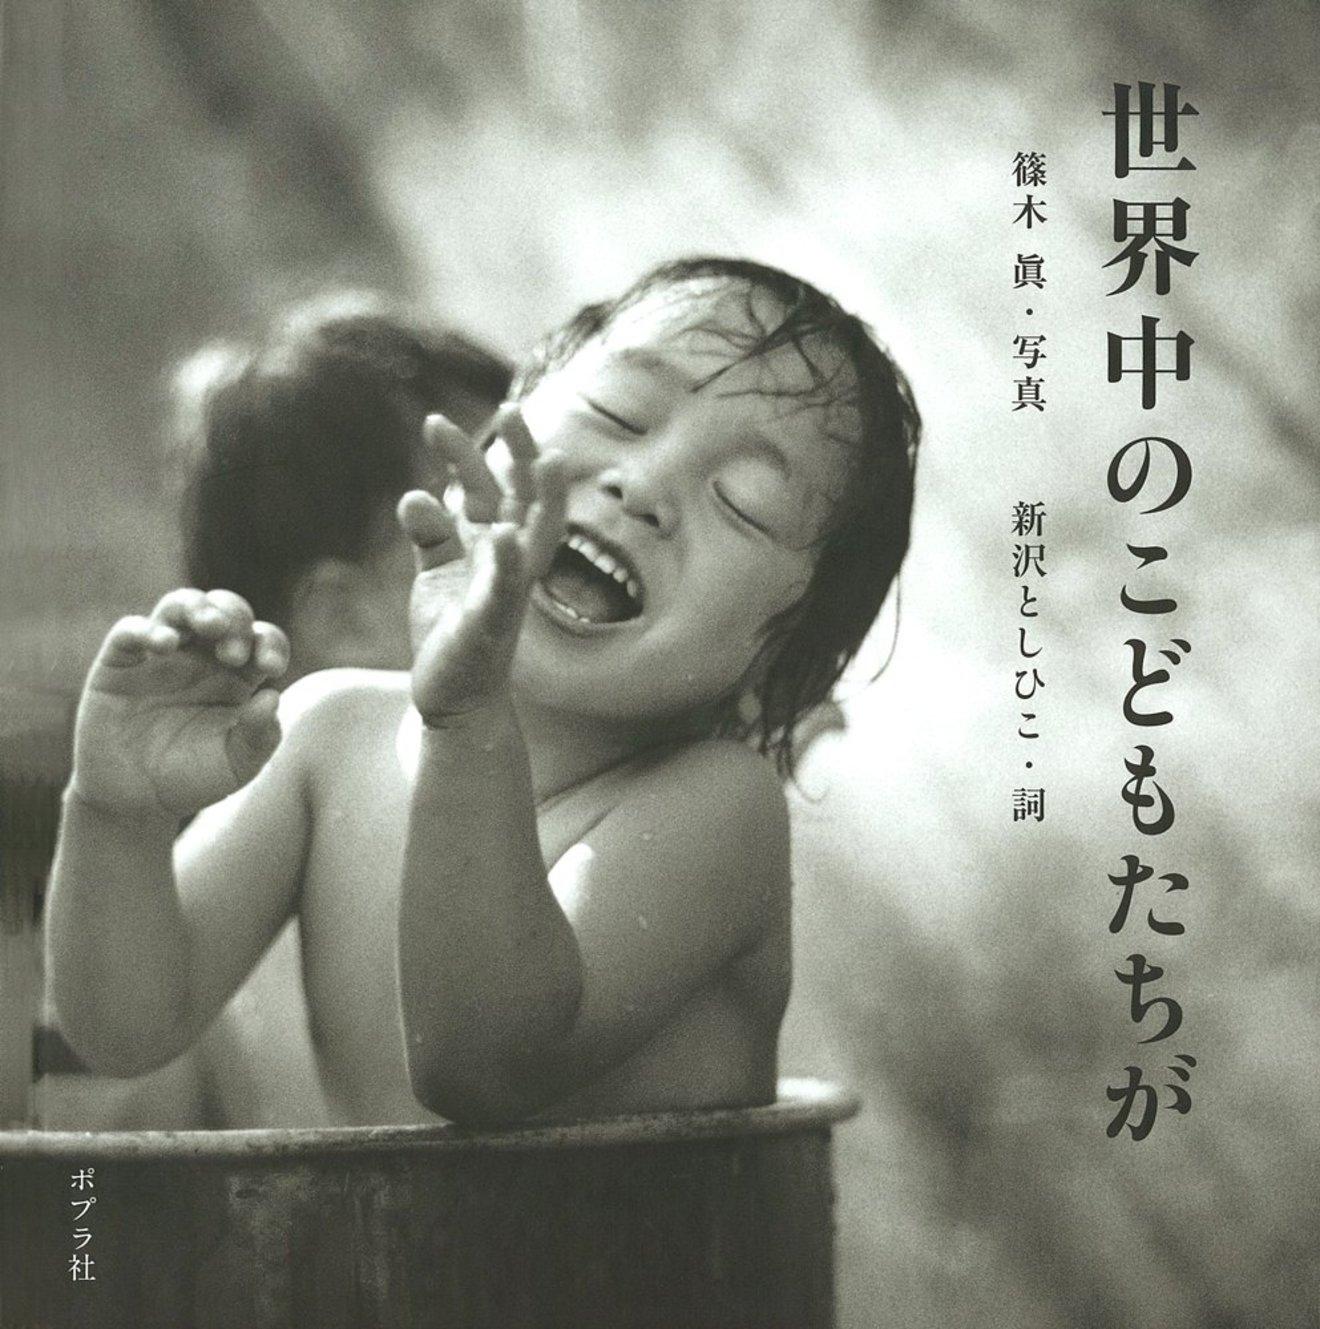 新沢としひこのおすすめ絵本5選!子どもの歌など手掛ける作詞家